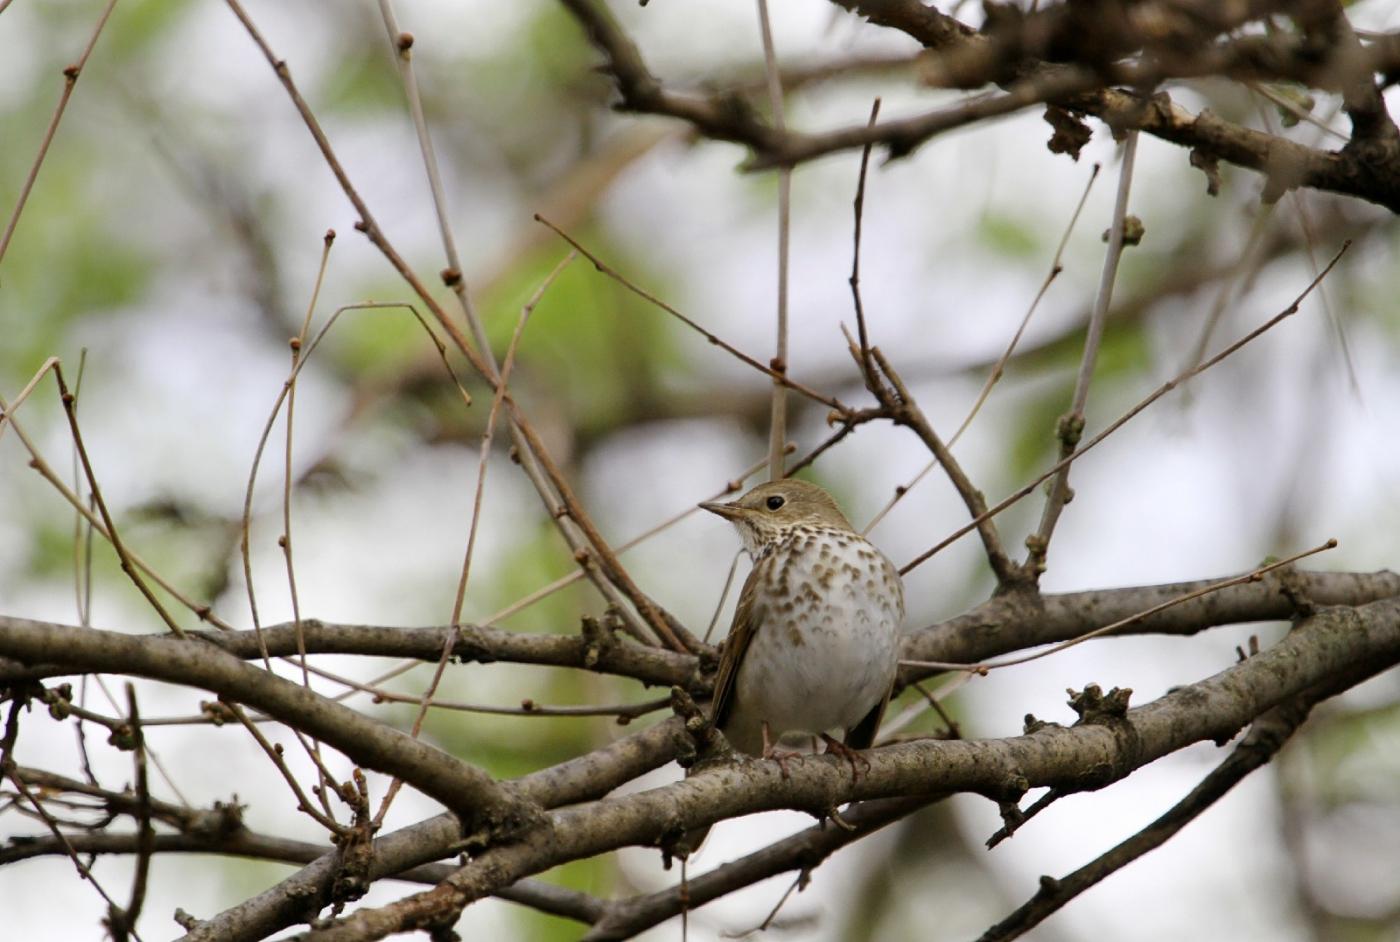 【田螺手机摄影】这个季节我后院最鸟语花香_图1-8